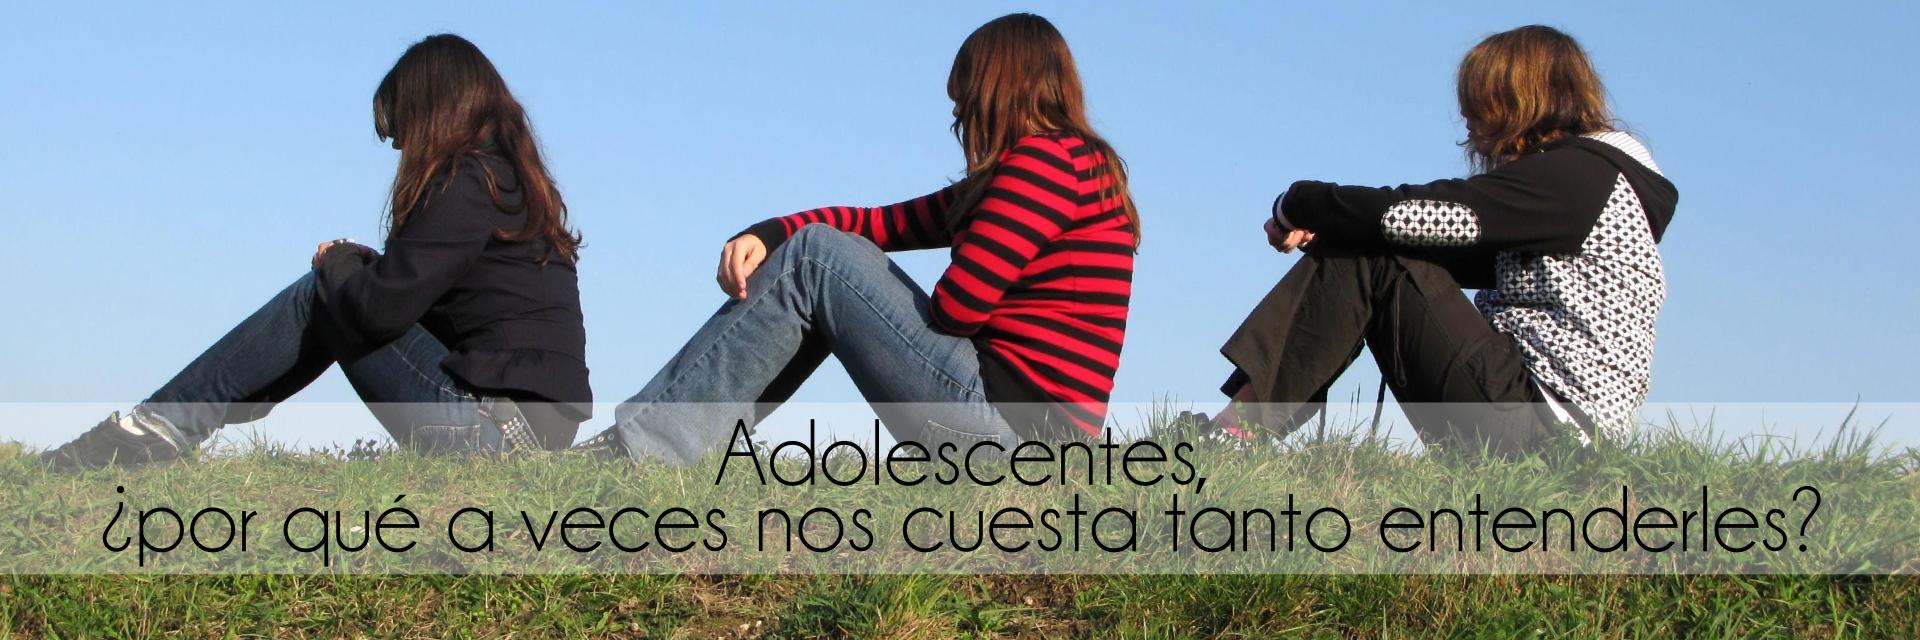 Adolescentes, ¿por qué a veces nos cuesta tanto entenderles?